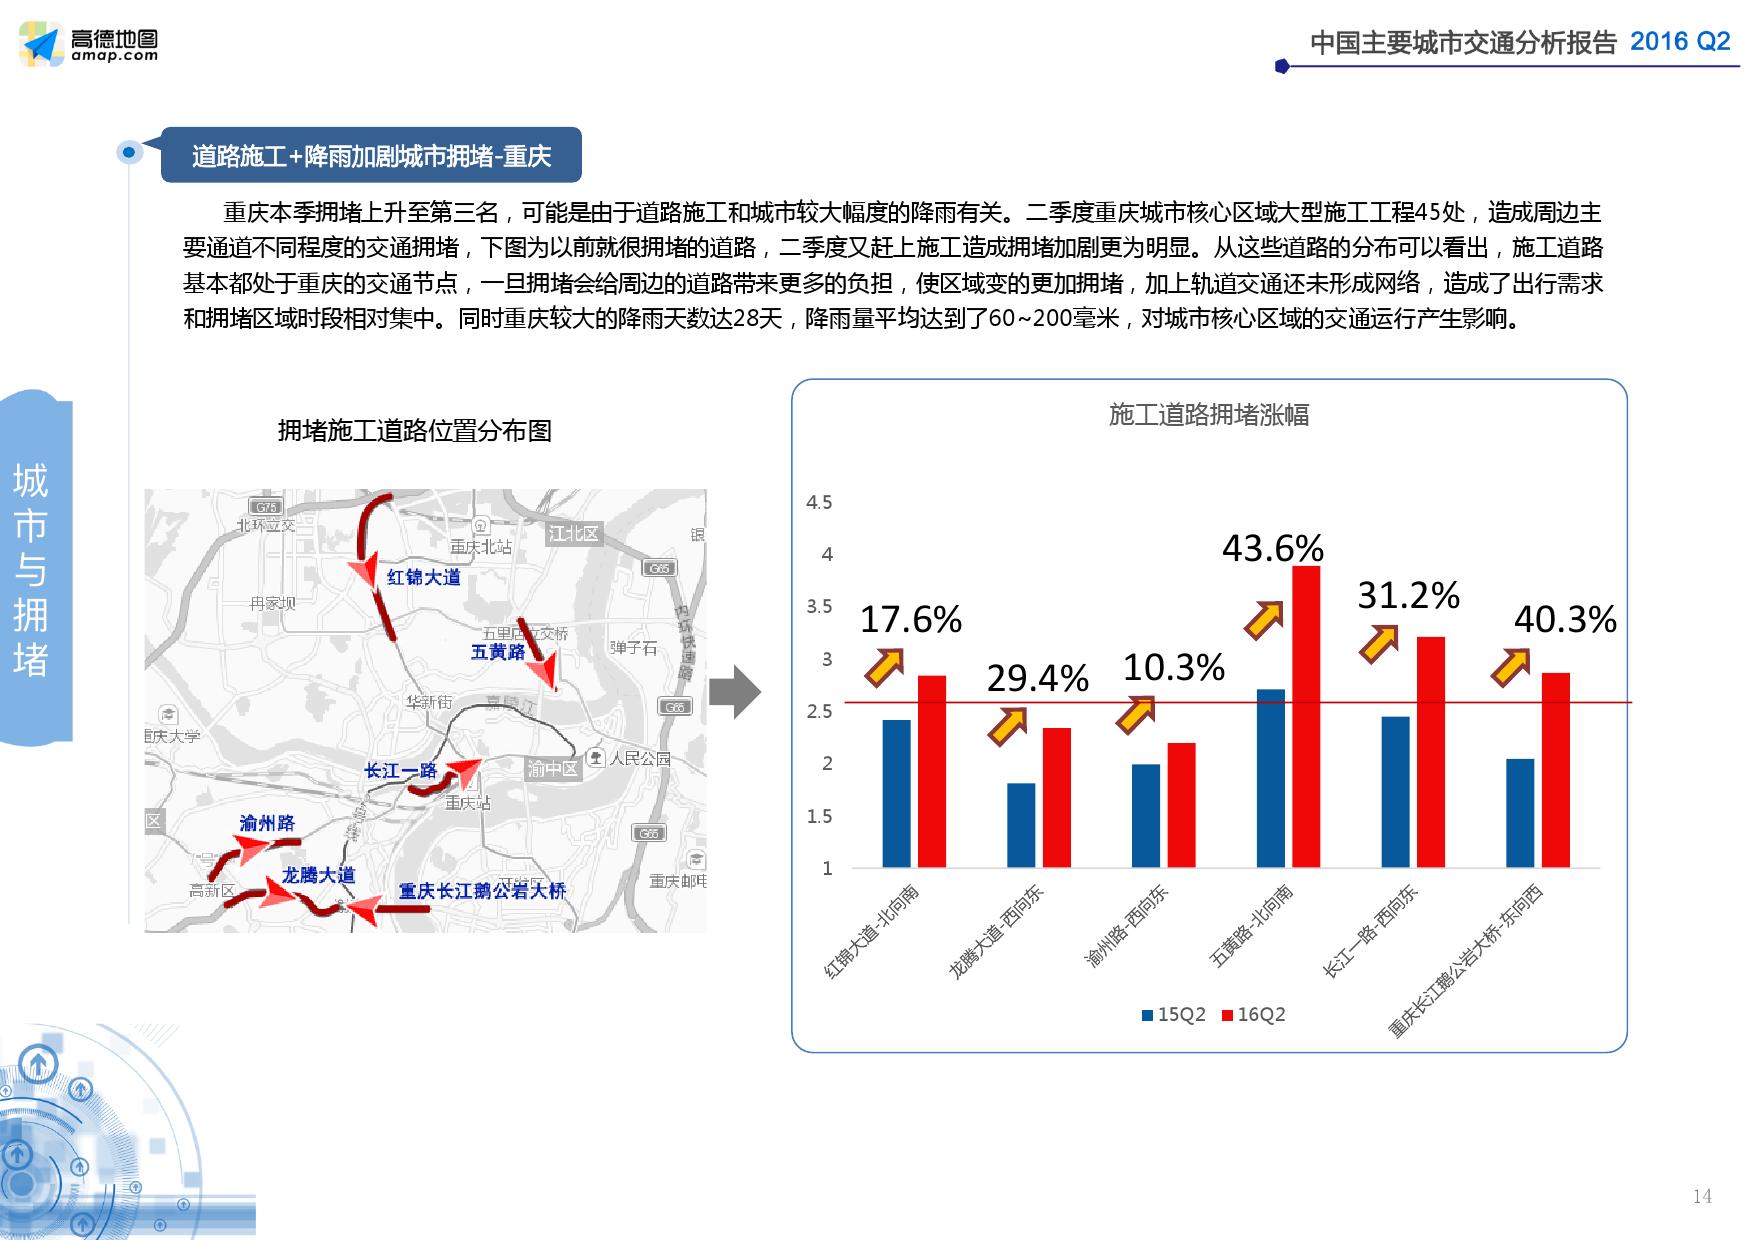 2016年Q2中国主要城市交通分析报告_000014